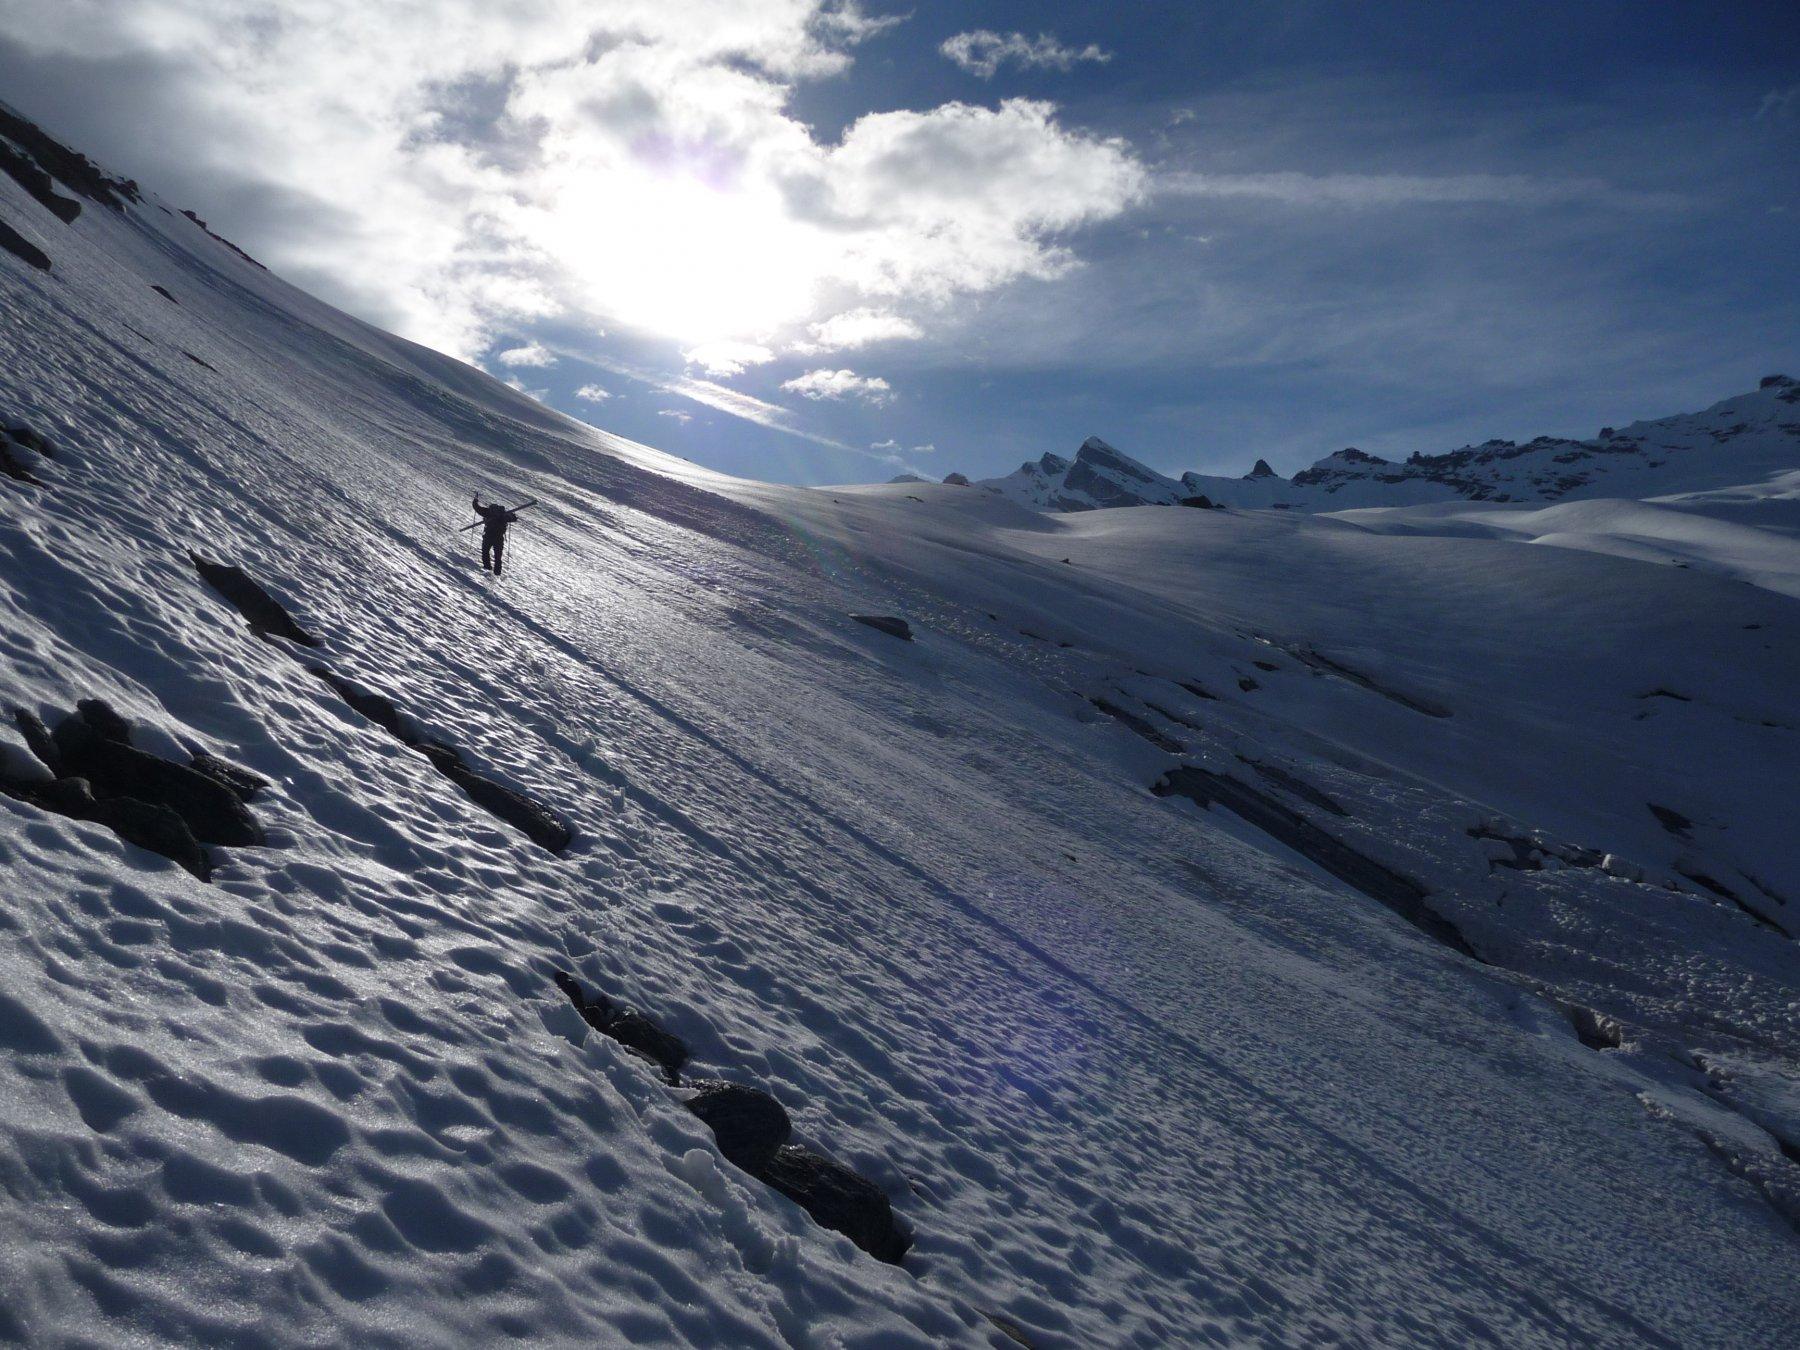 parte superiore del Vallon du Ruisseau all'attacco del Glacier du Mulinet